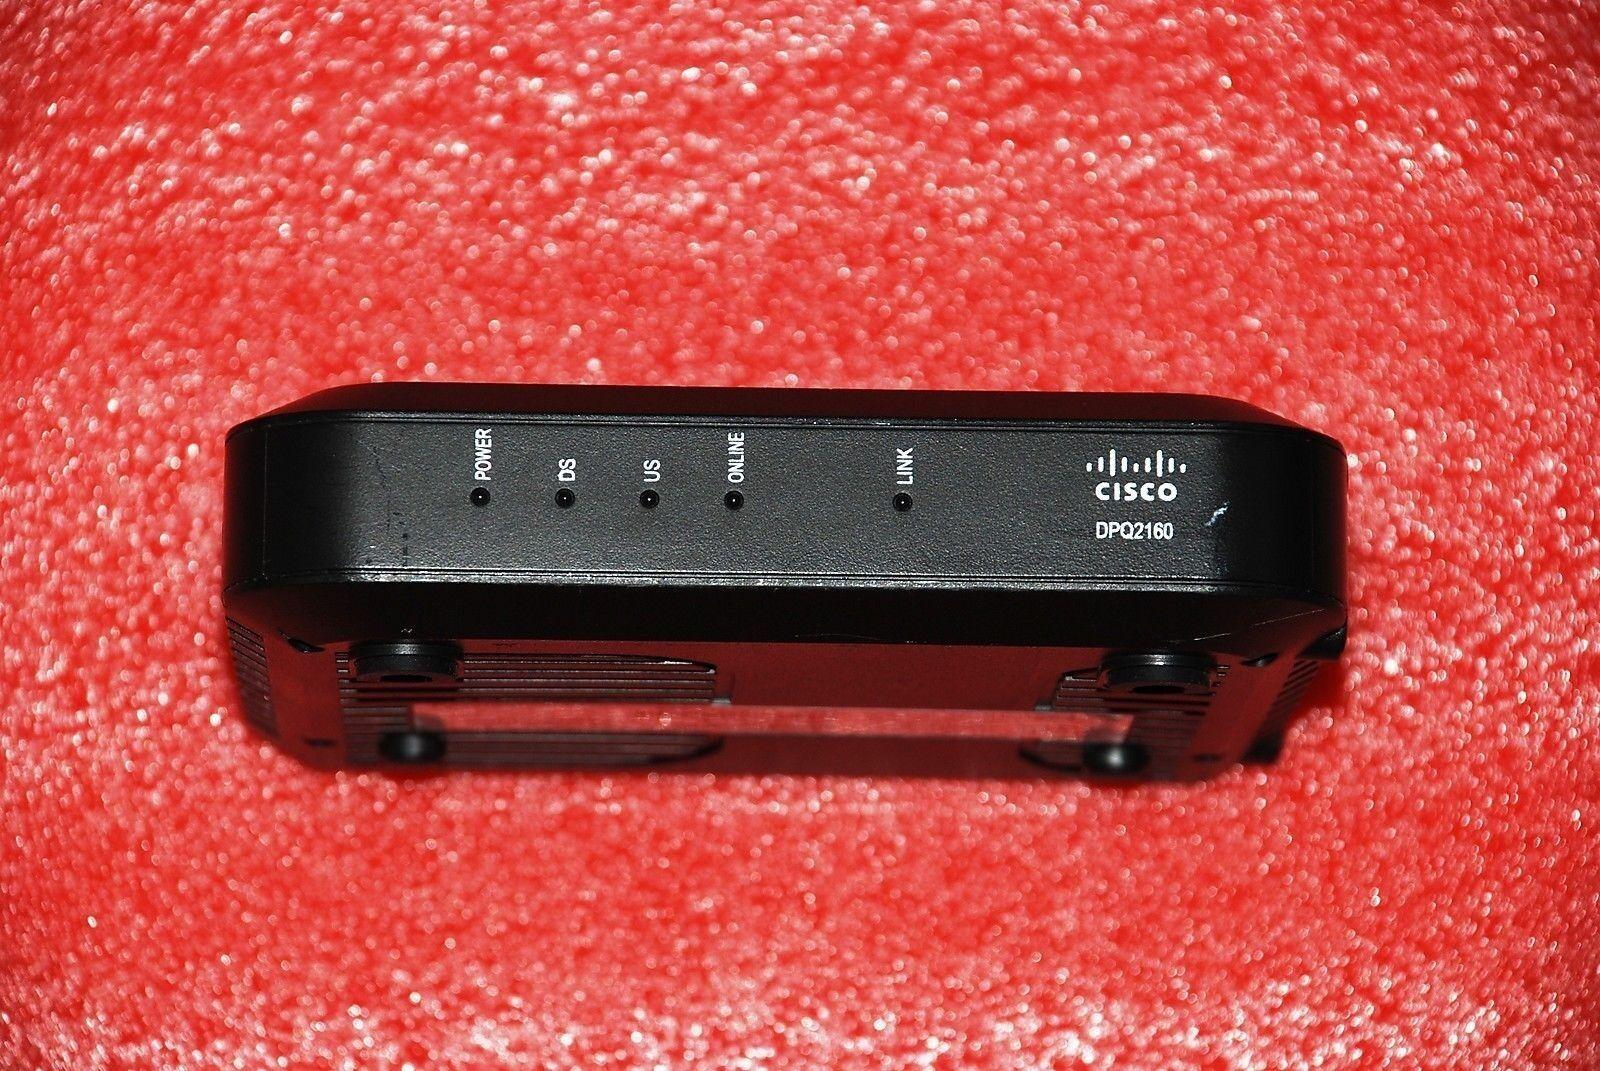 DPQ2160 USB WINDOWS XP DRIVER